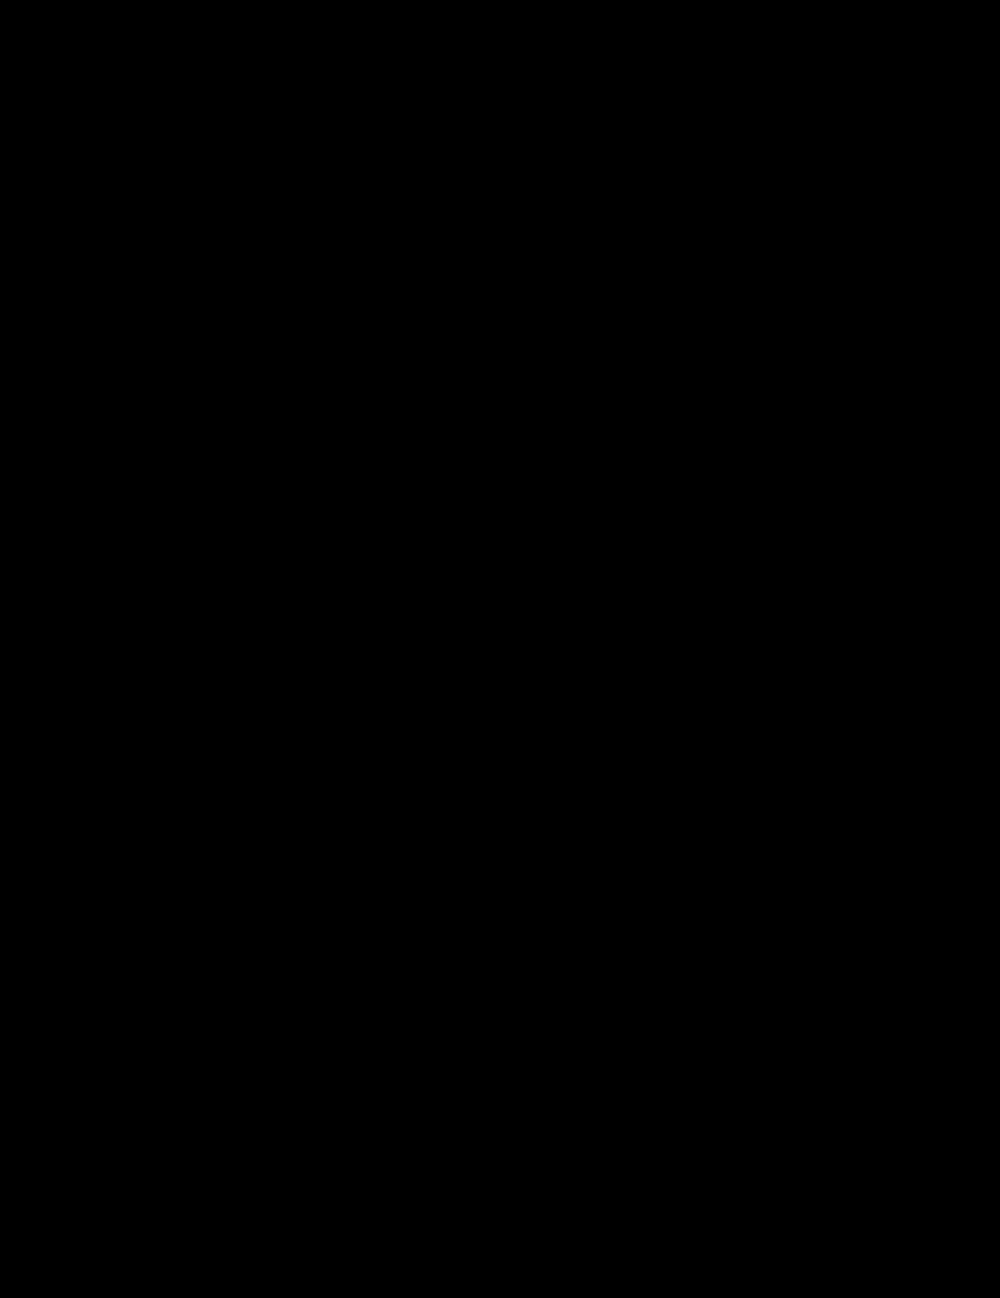 lou-de-laage.jpg (999×1296)